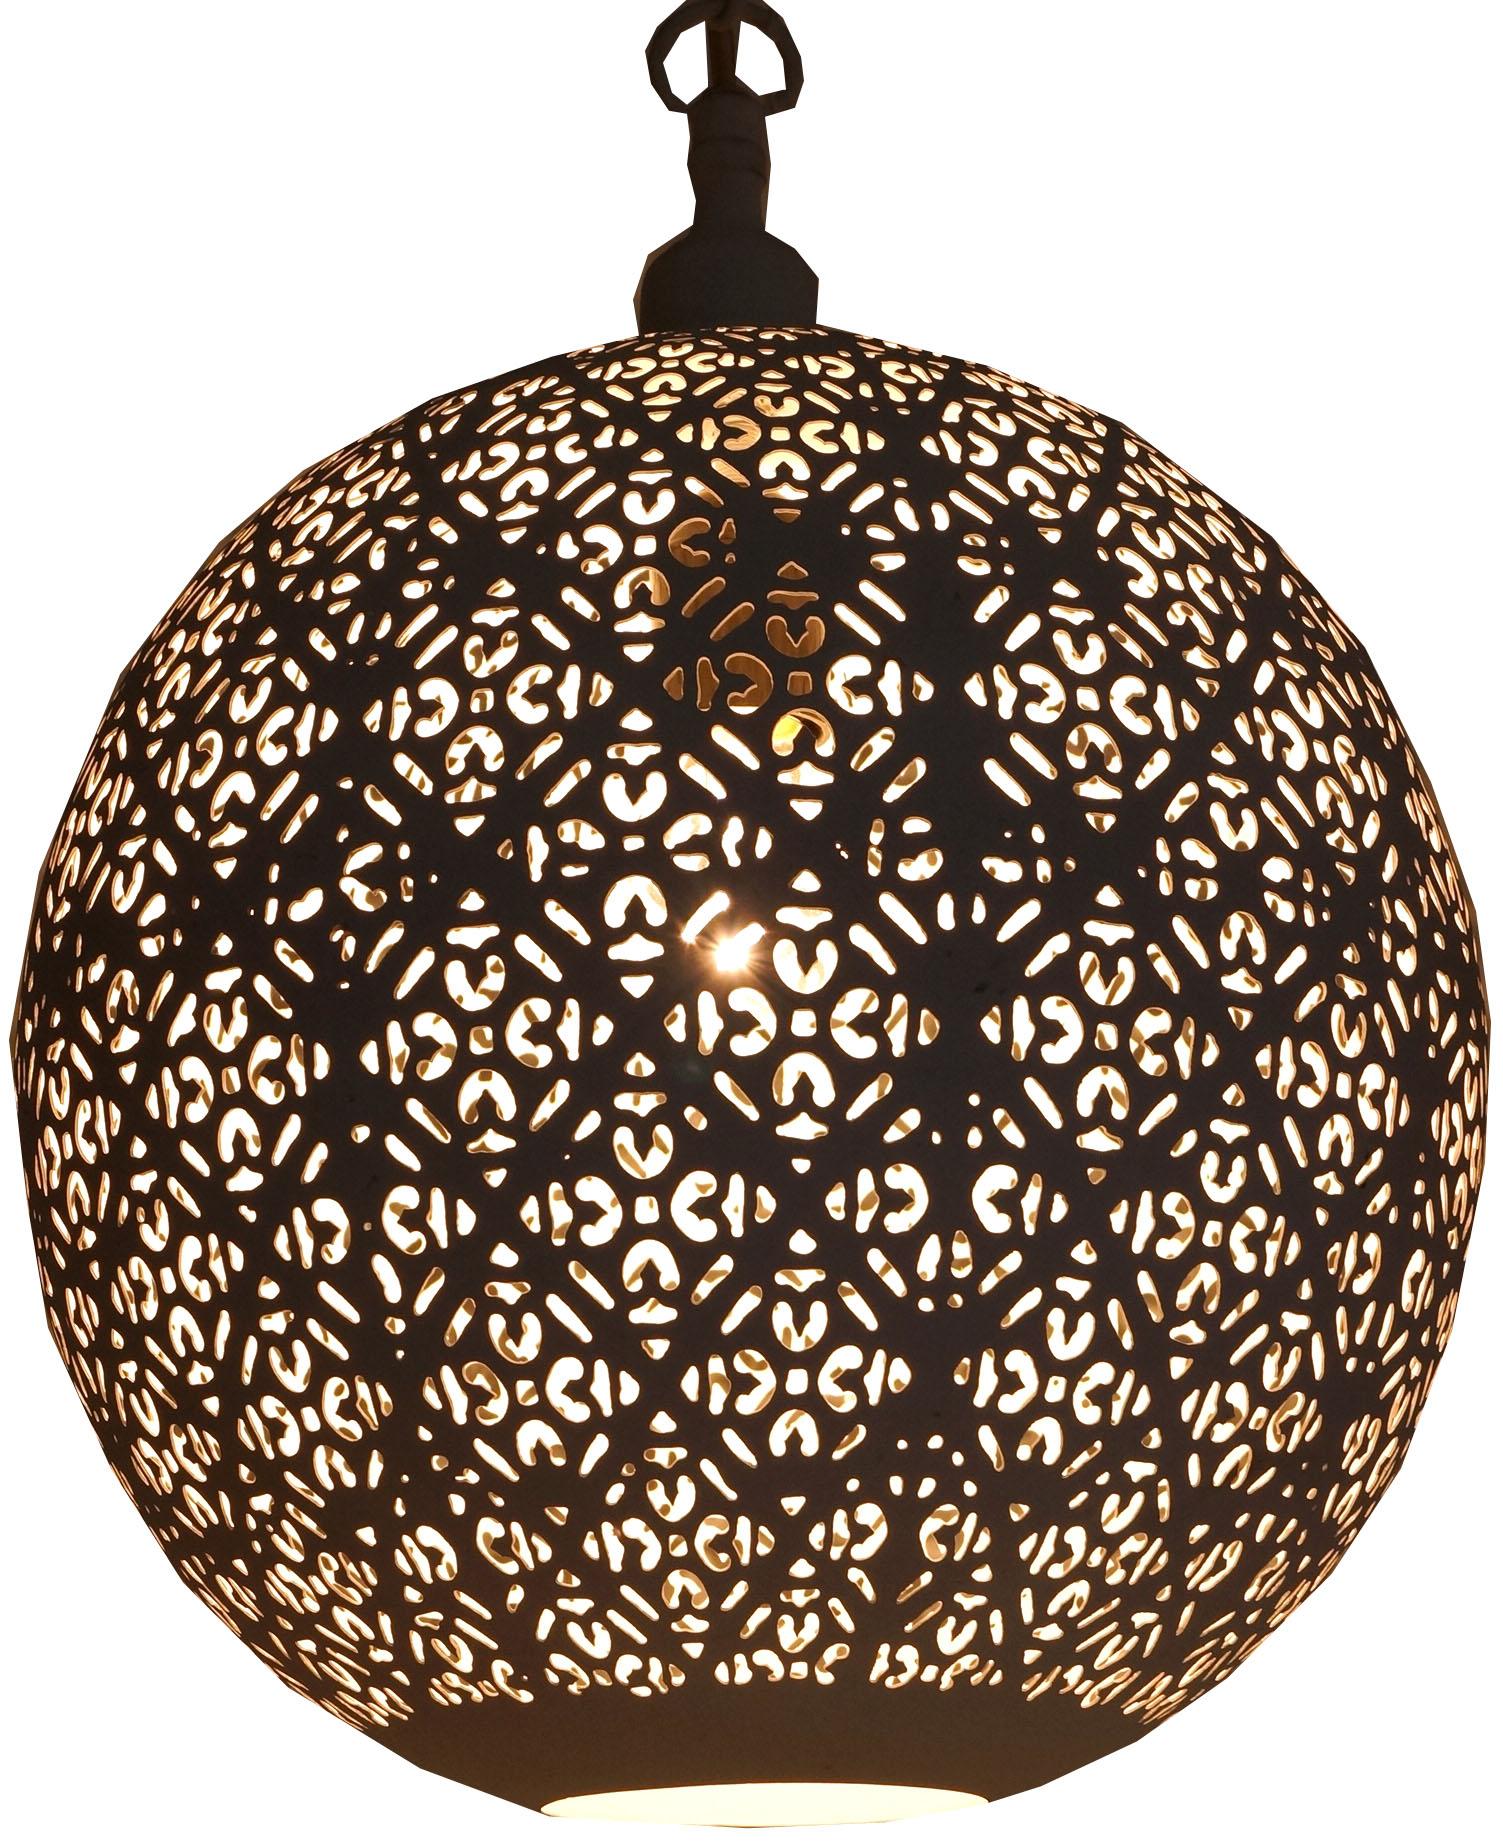 orientalische deckenleuchte kugel wei. Black Bedroom Furniture Sets. Home Design Ideas